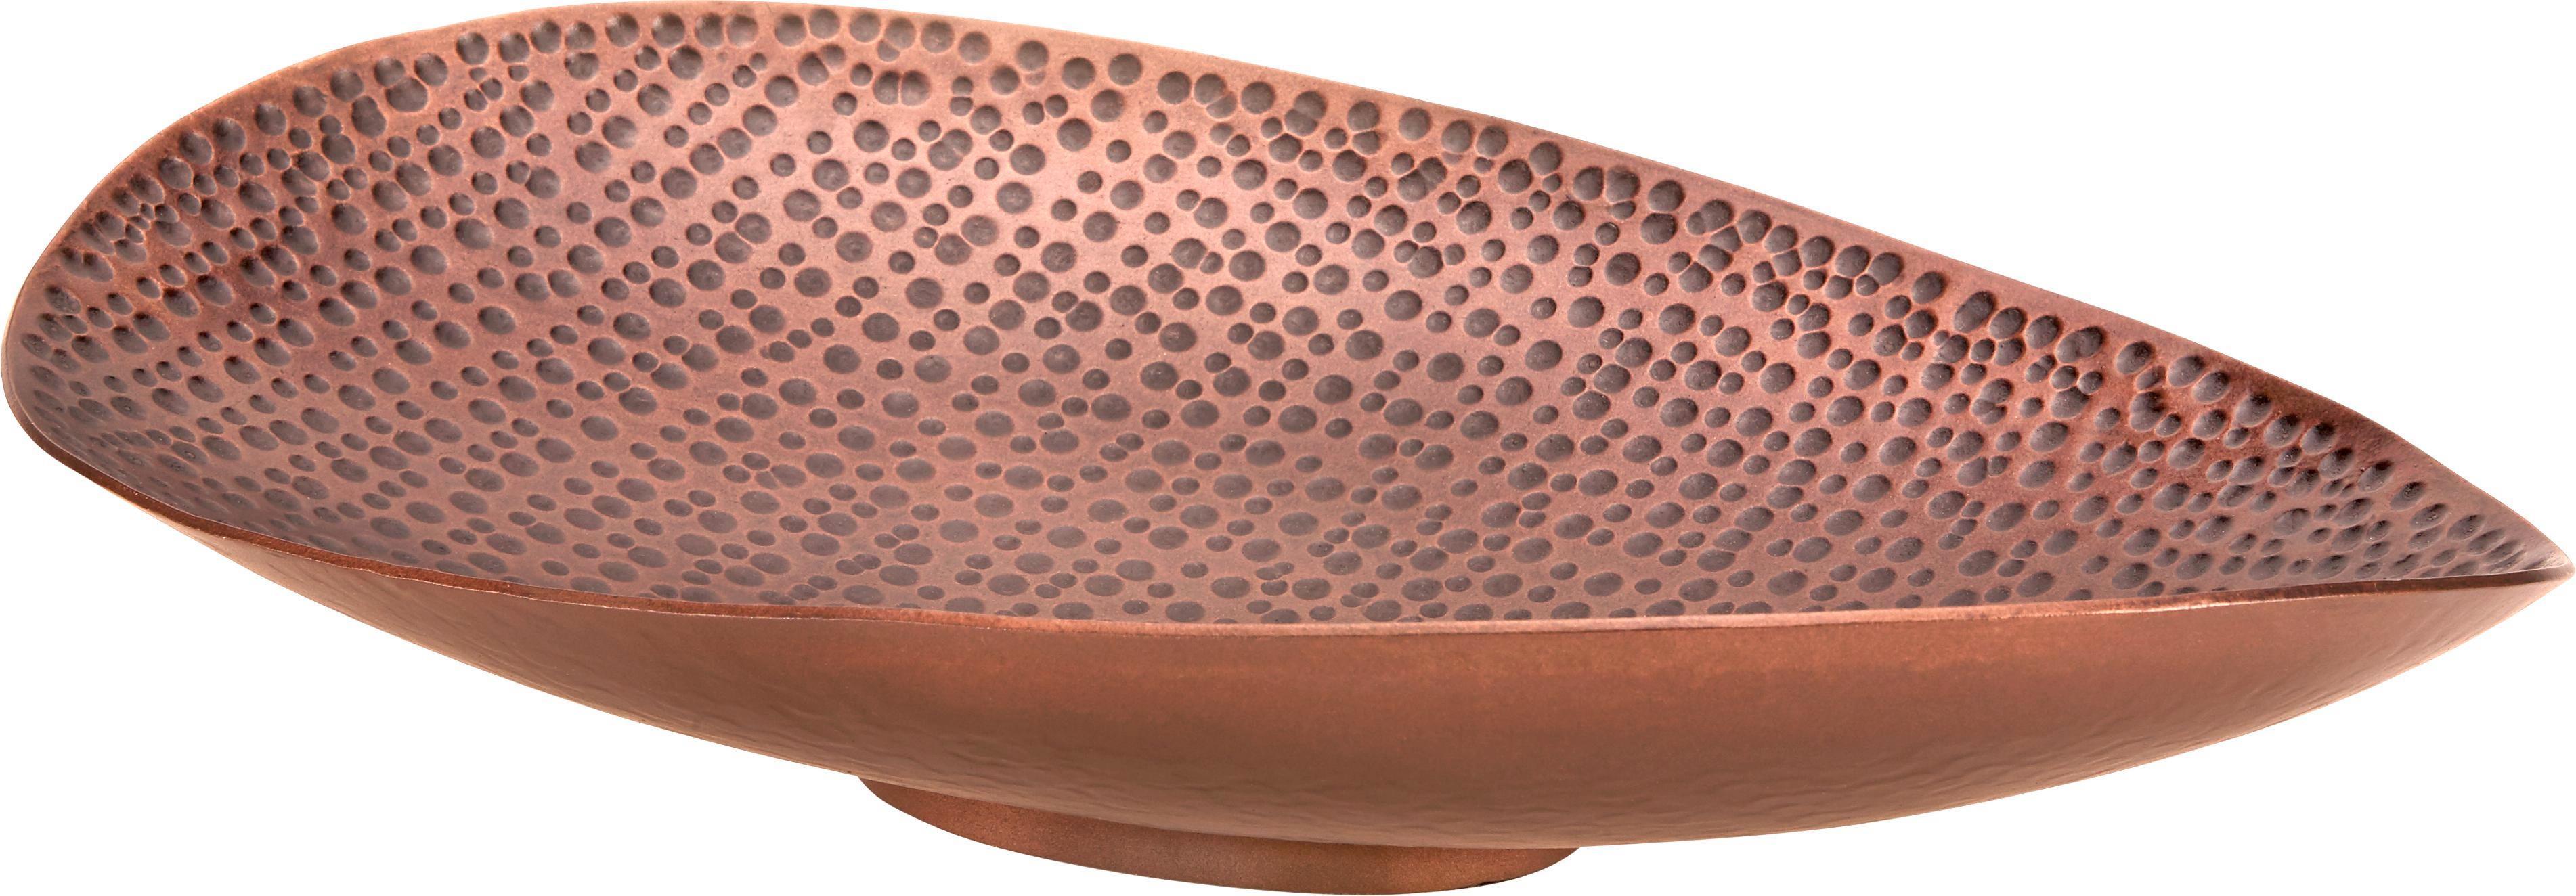 Dekoschale Masai in Kupferfarben - Kupferfarben, LIFESTYLE, Metall (37/26/8cm) - MÖMAX modern living